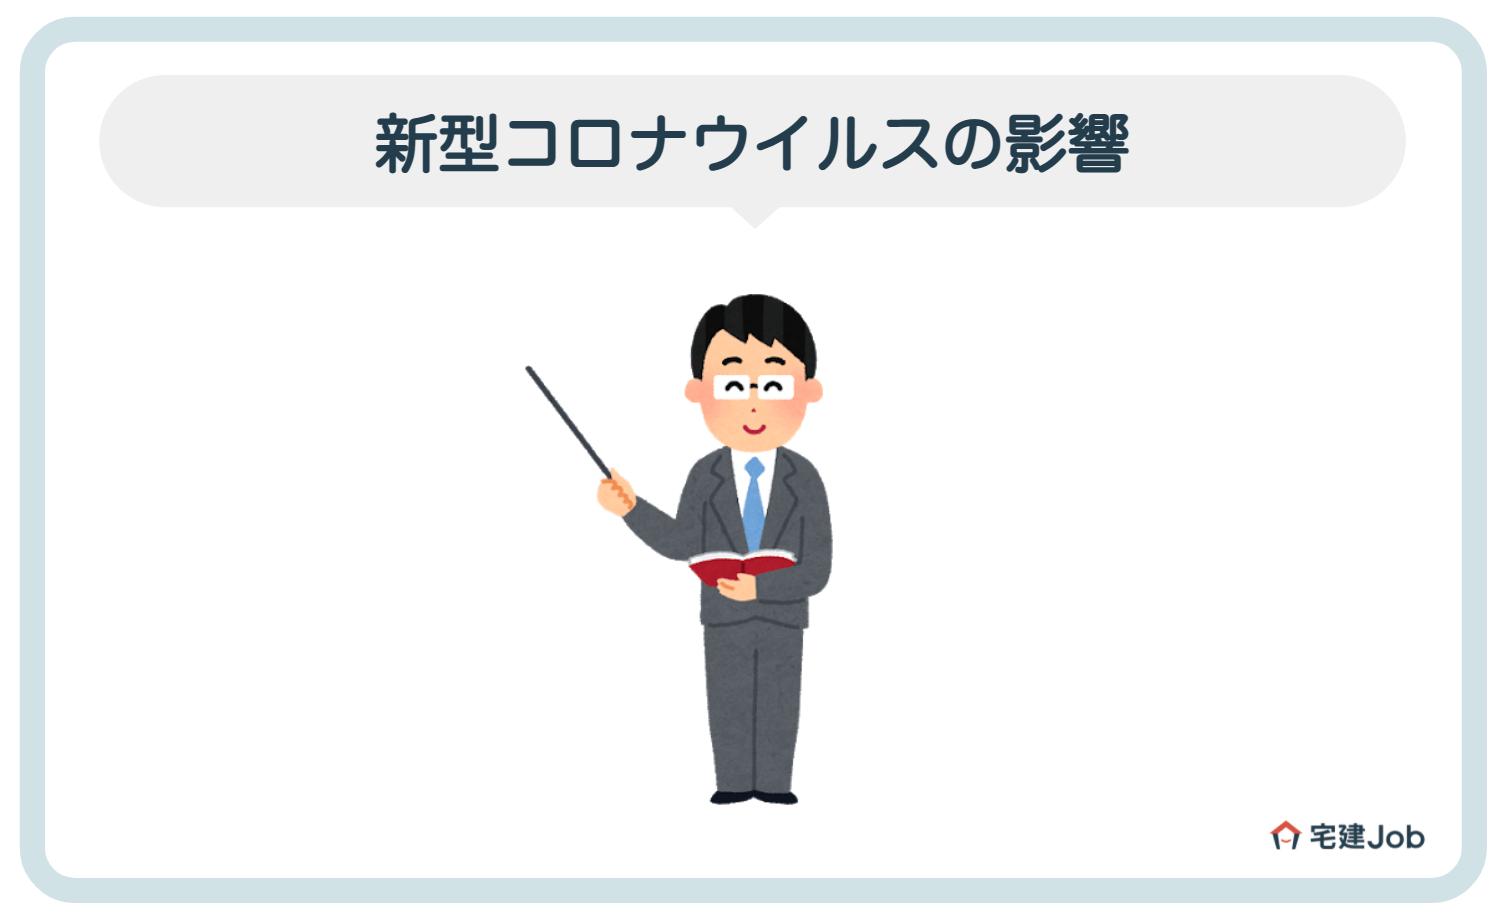 3.新型コロナウイルスの影響【建築営業】